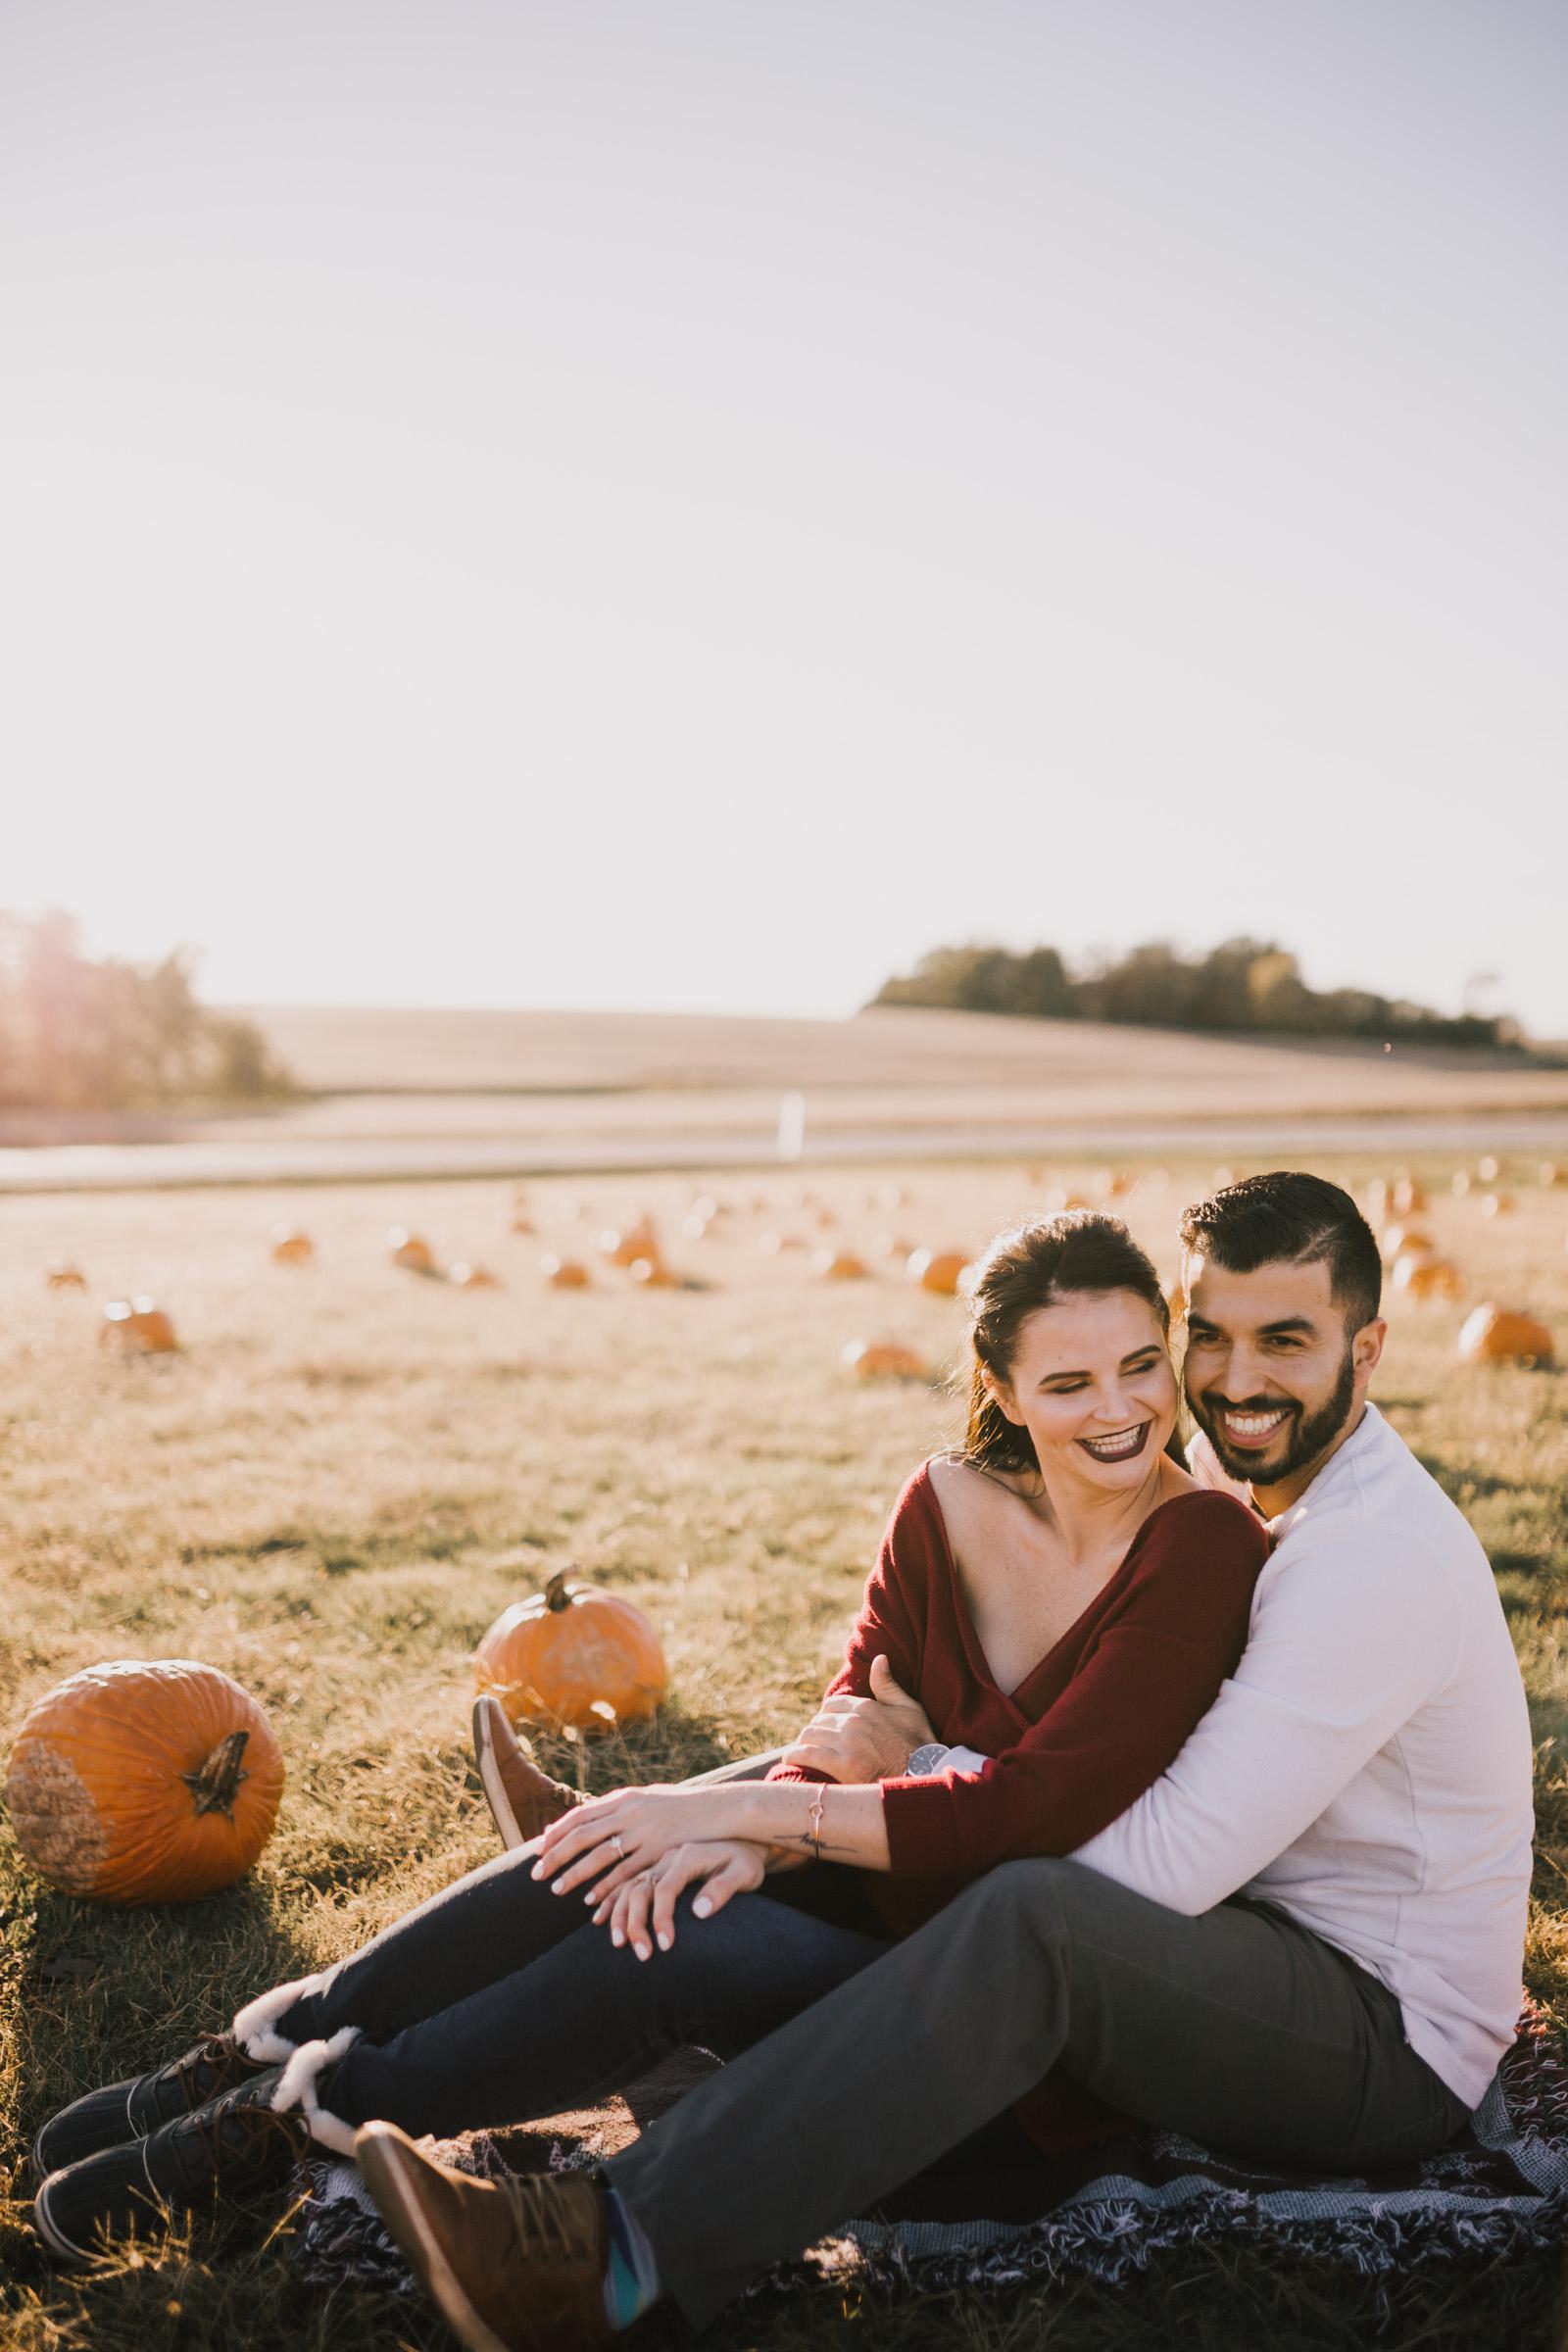 alyssa barletter photography fall pumpkin patch engagement photos sunset-1.jpg